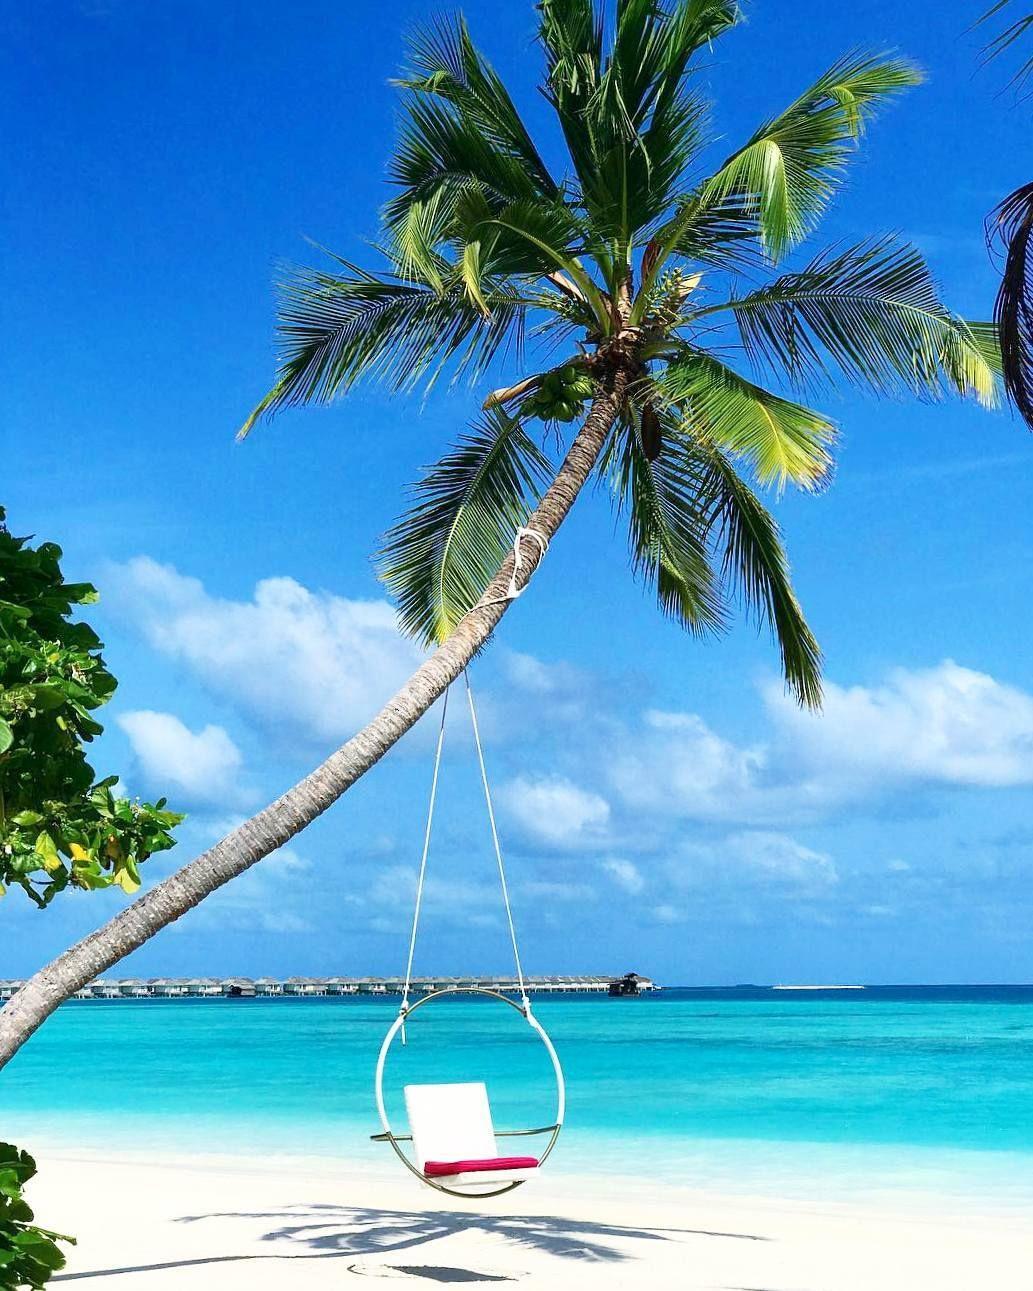 Kandima Maldives Omaldives On Instagram The Maldives Islands Maldives Photo Naschle74 Nichegetaway View S Beautiful Beaches Maldives Island Maldives